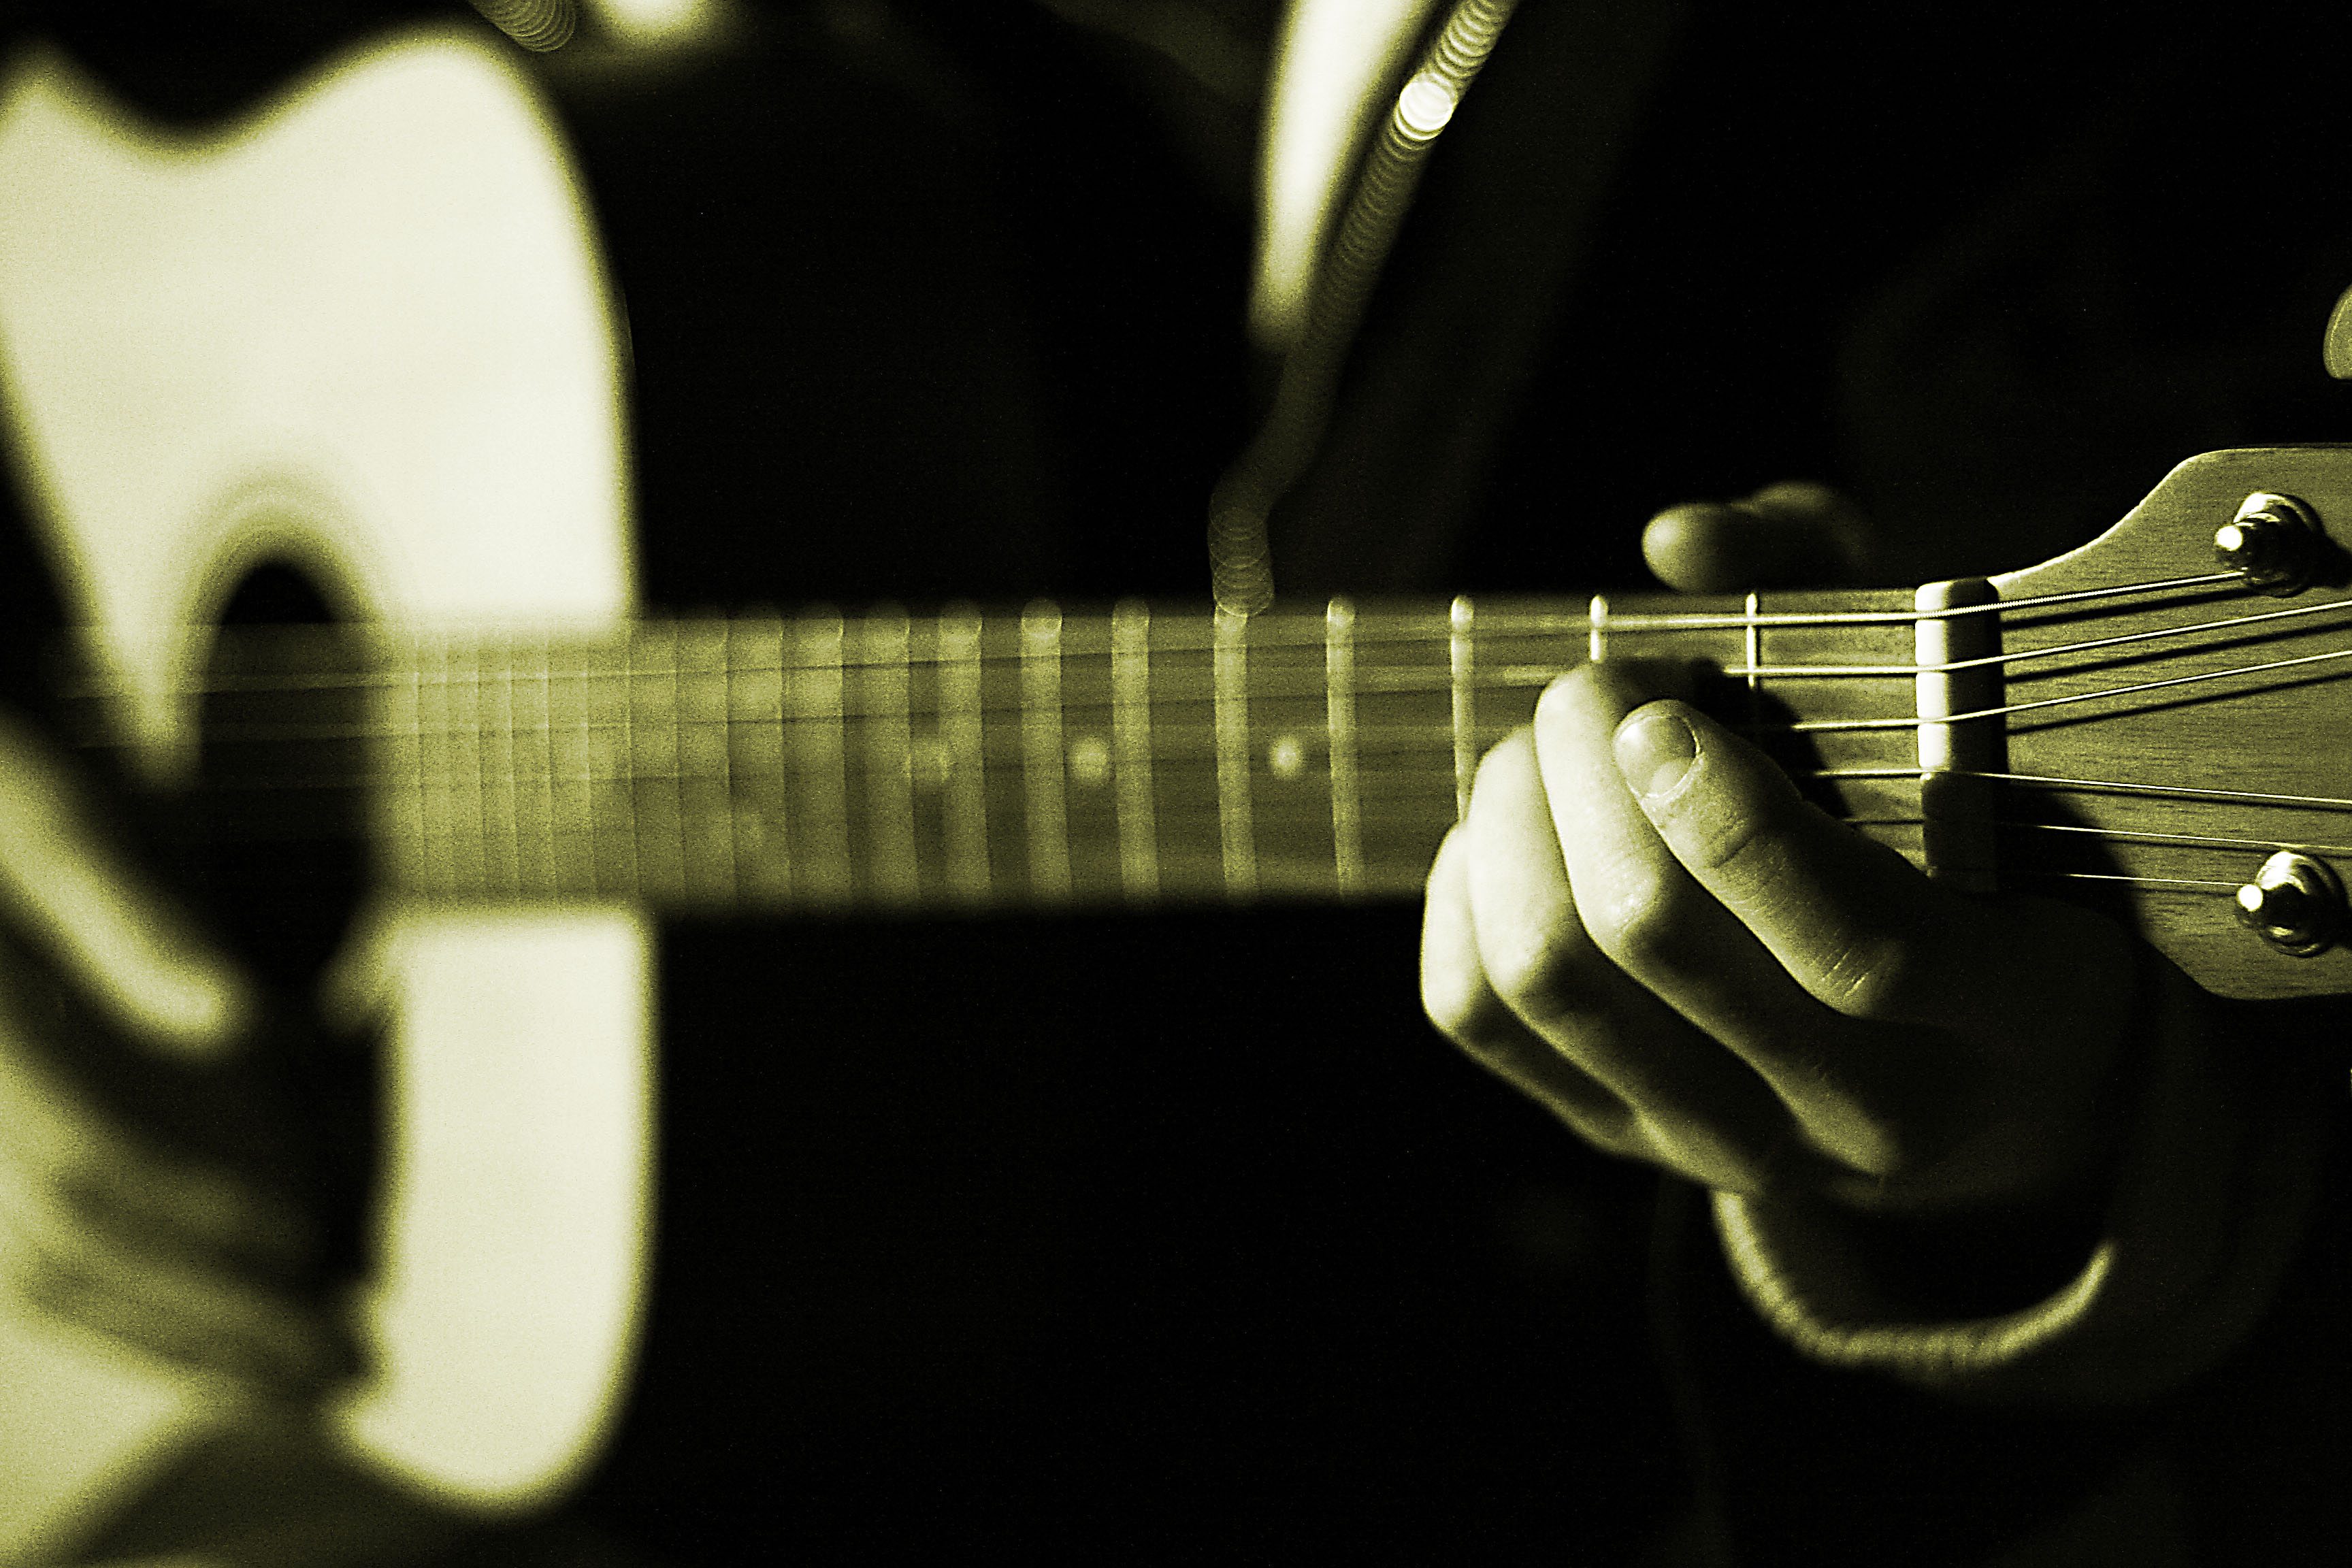 Guitar - Magazine cover